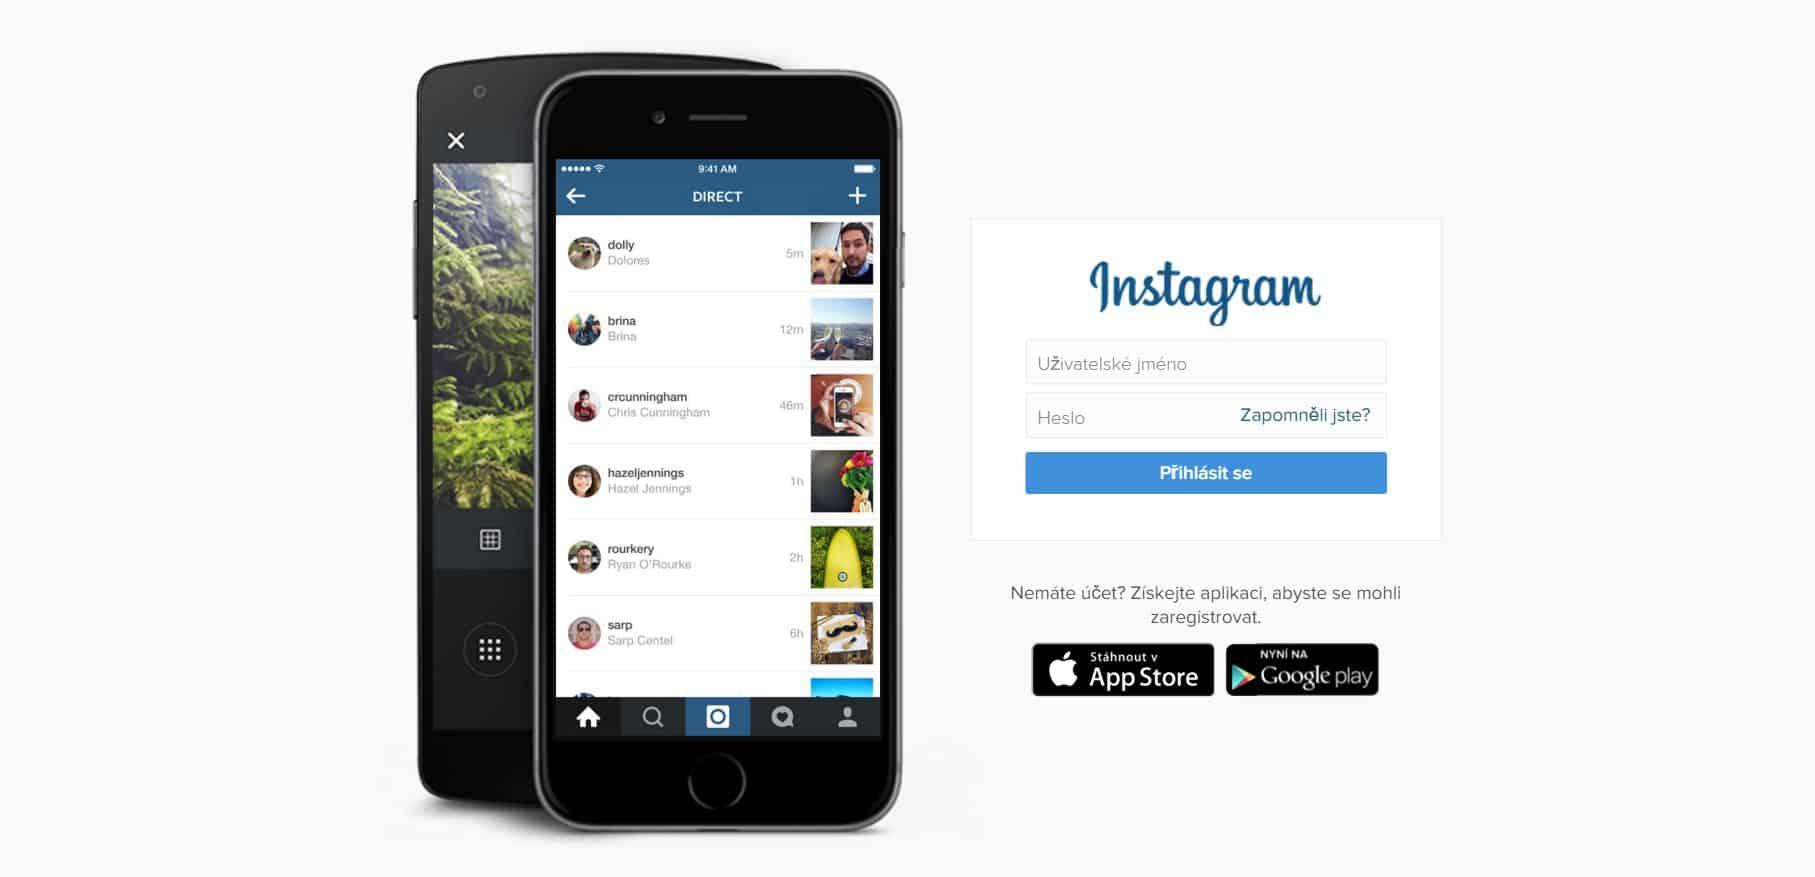 Jak zrušit nebo deaktivovat účet na Instagramu? Nabídneme návod